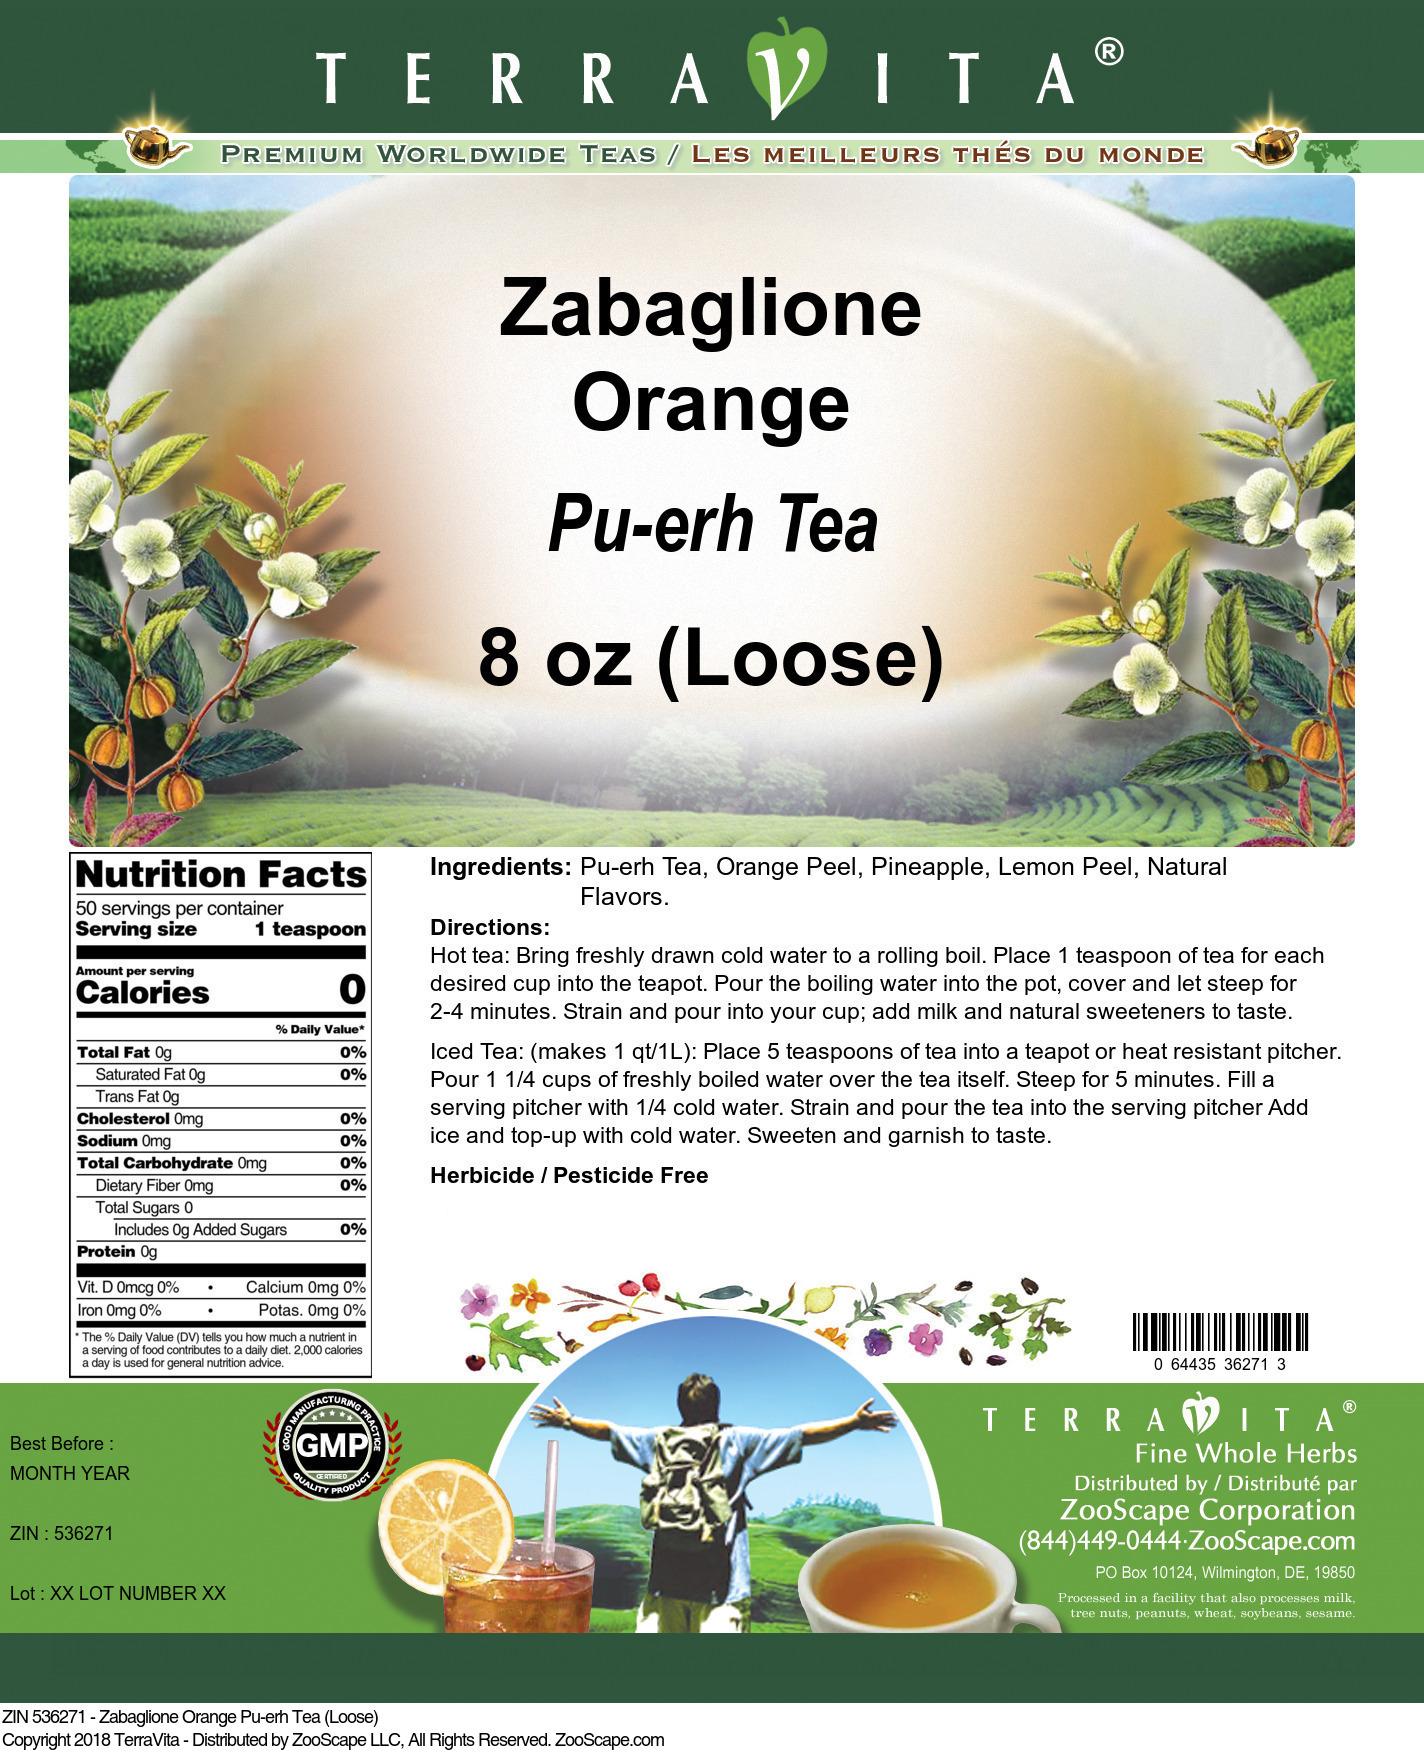 Zabaglione Orange Pu-erh Tea (Loose)